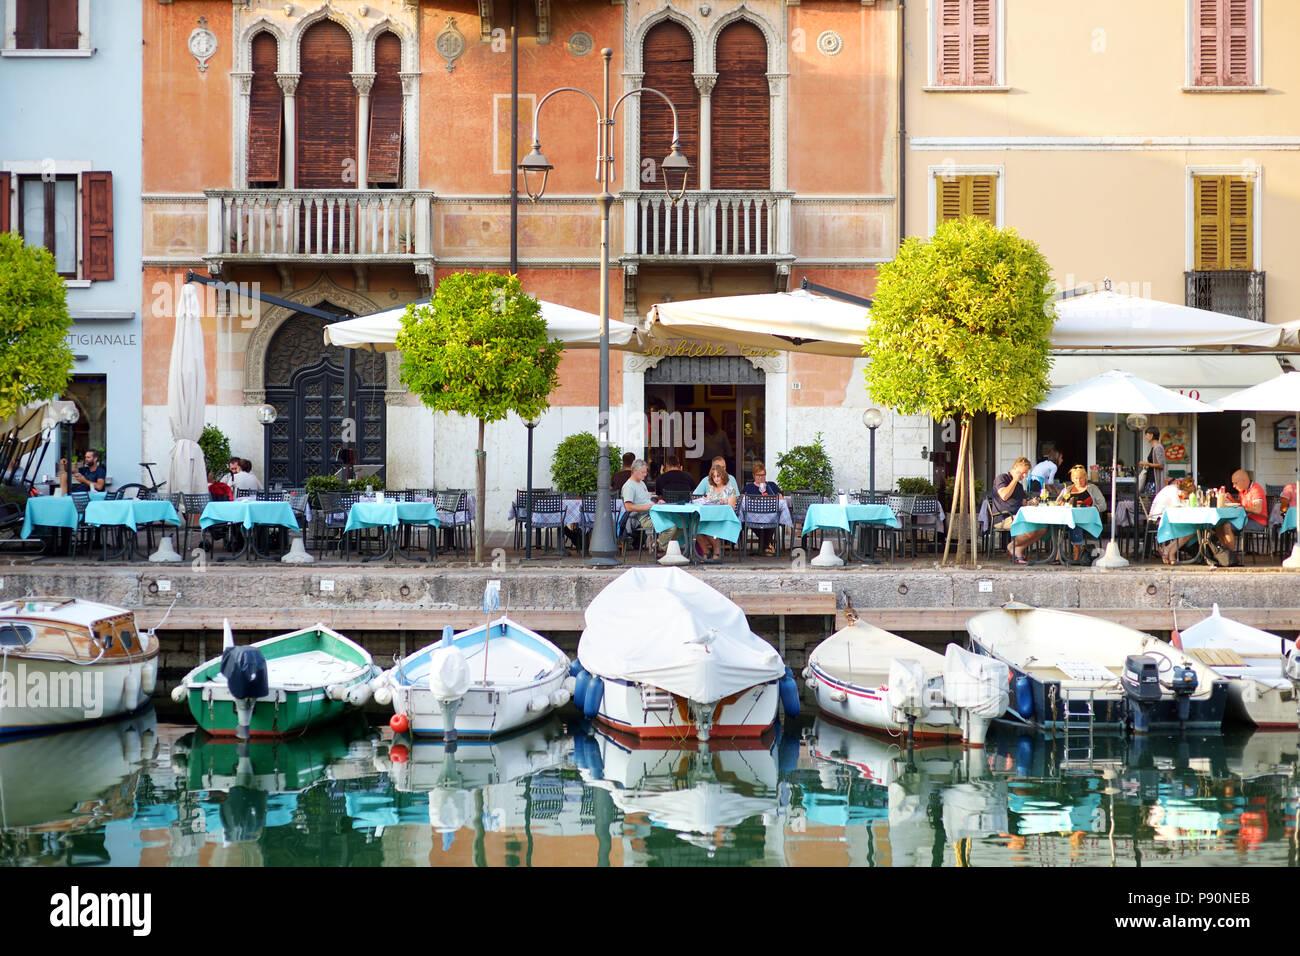 DESENZANO DEL GARDA, ITALY - SEPTEMBER 23, 2016: Beautiful views of Desenzano del Garda, a town and comune in the province of Brescia, in Lombardy, It Stock Photo